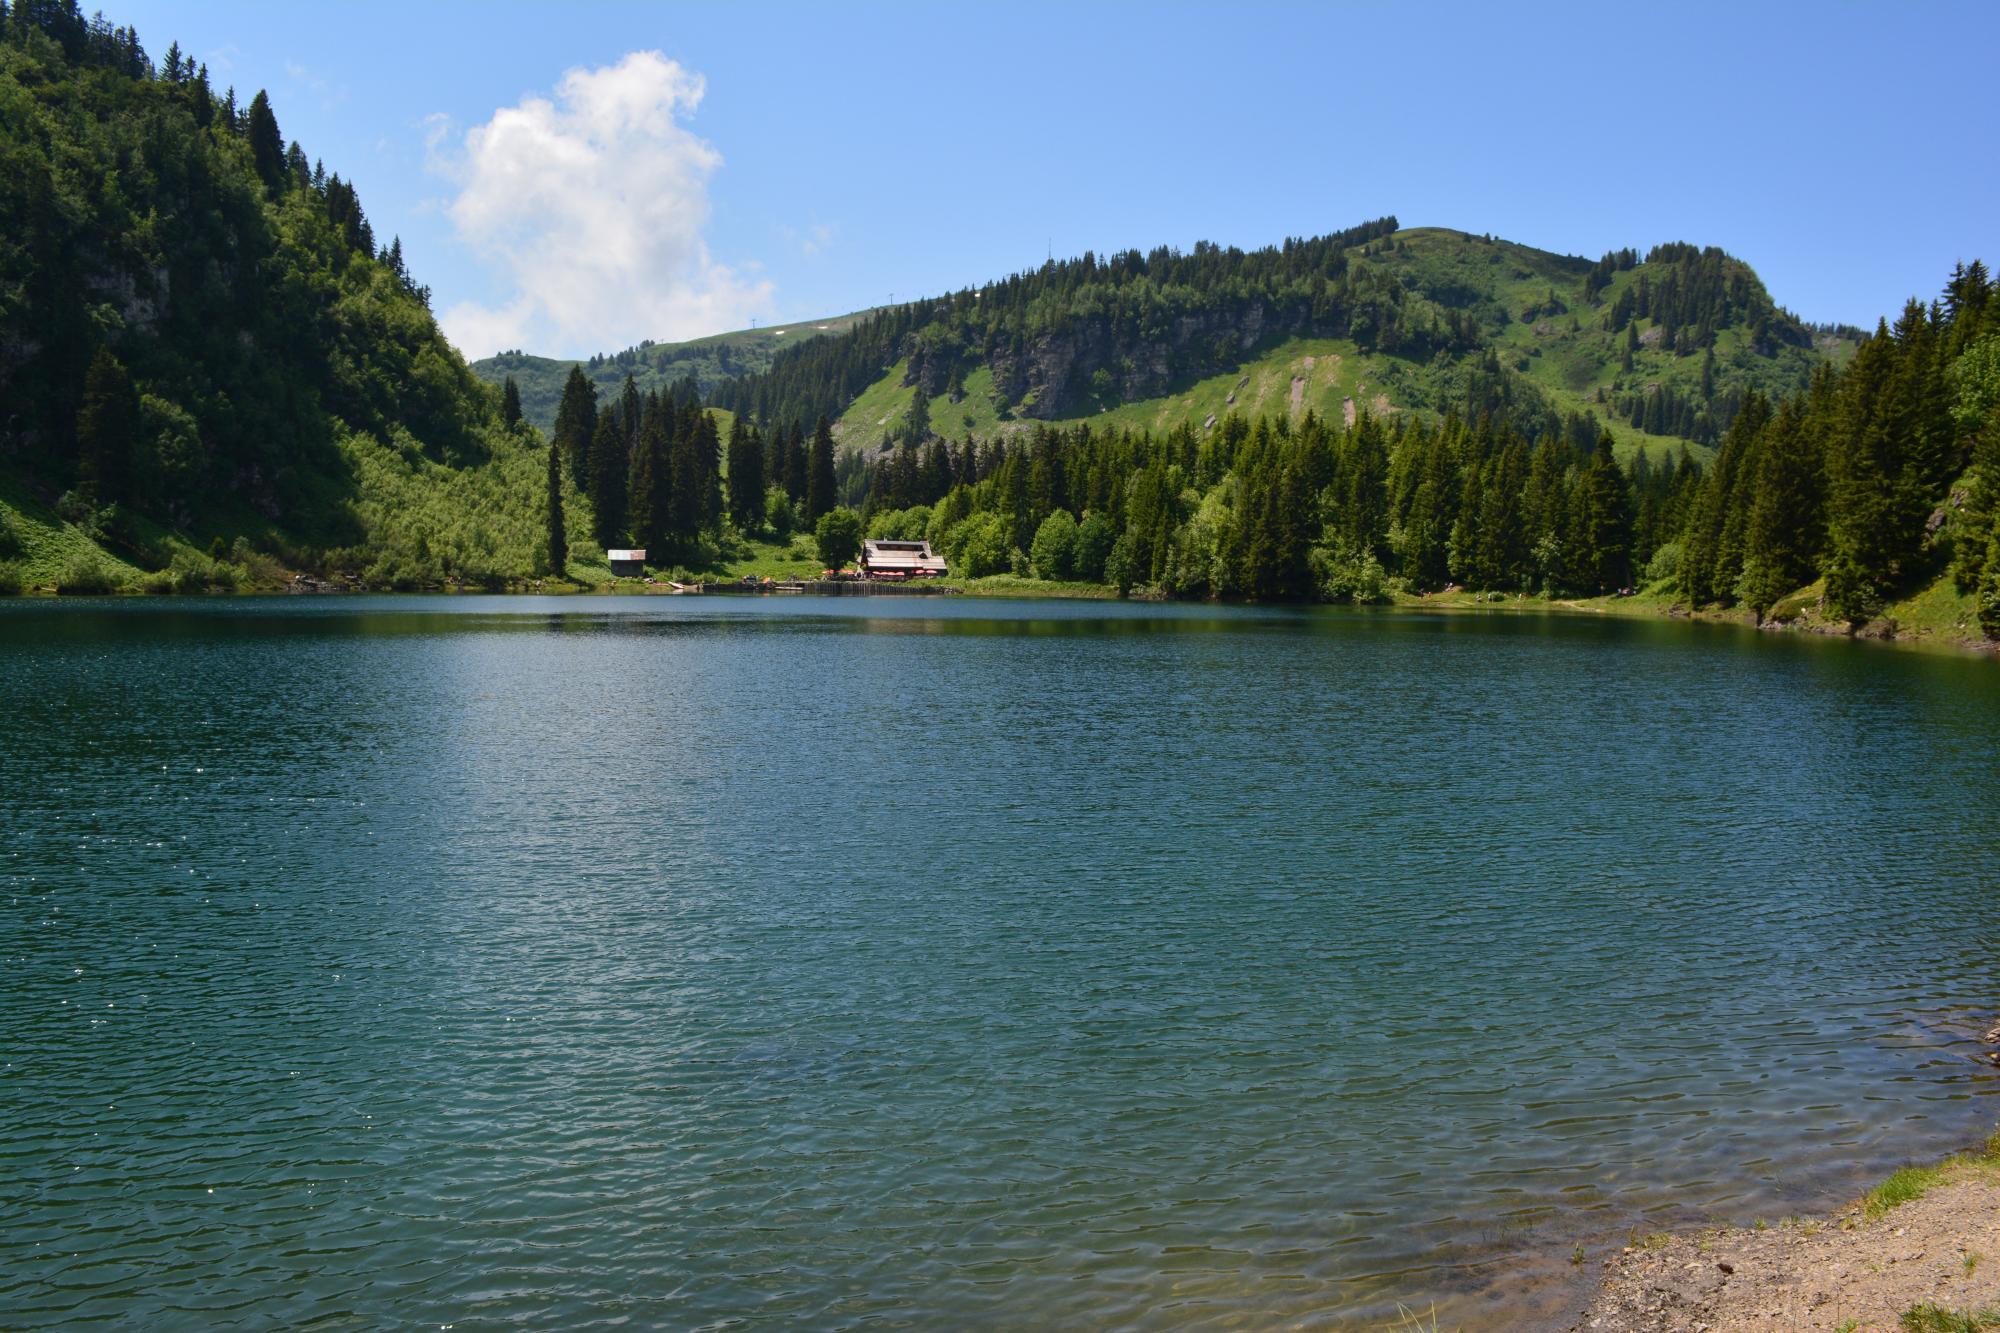 Piscine et lacs villars gryon les diablerets bex for Piscine du lac a tours